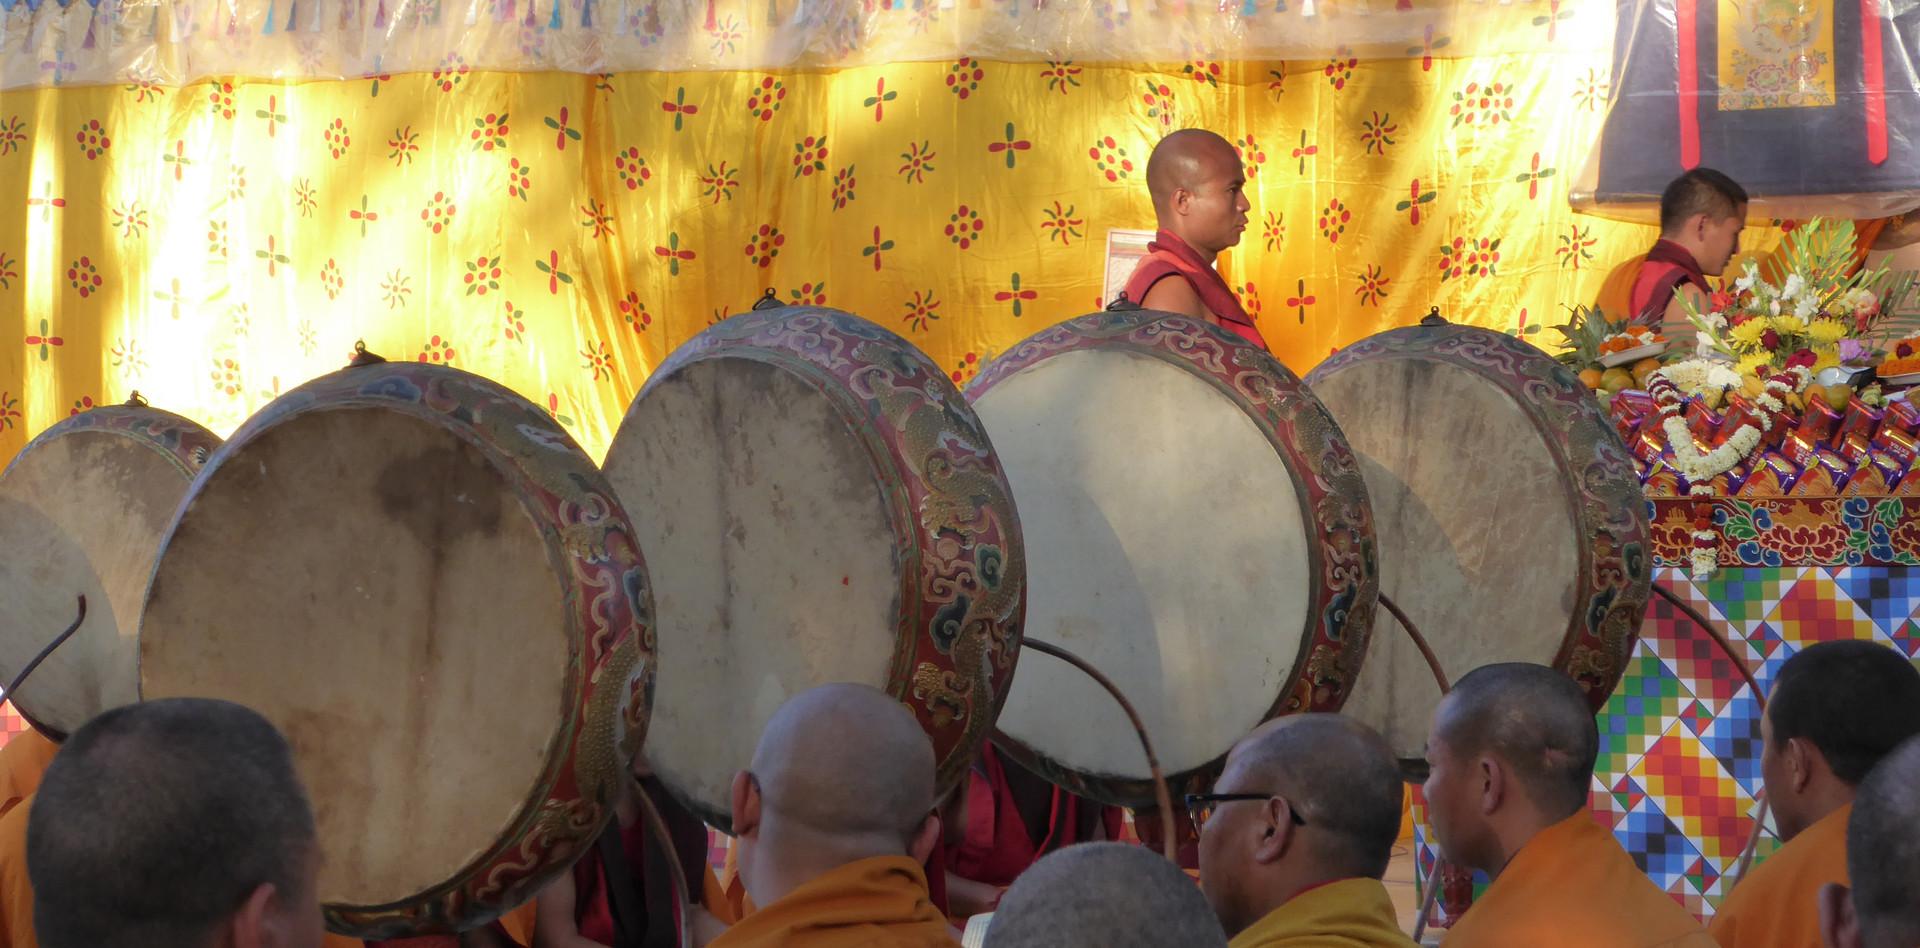 Tibetan ceremony